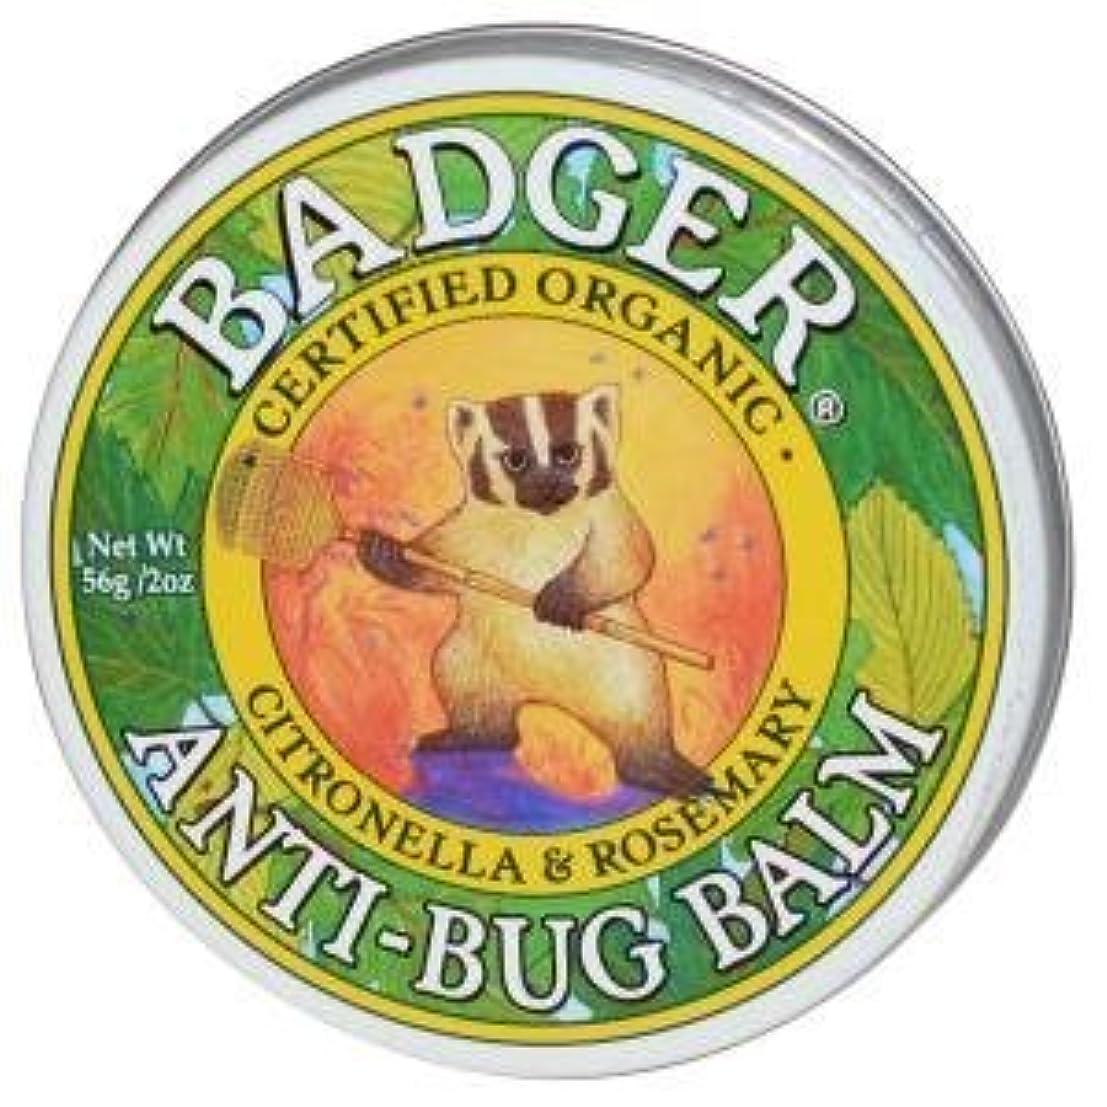 ホース閃光量で[並行輸入品] バジャー(Badger) プロテクトバーム(虫よけバーム) 56g